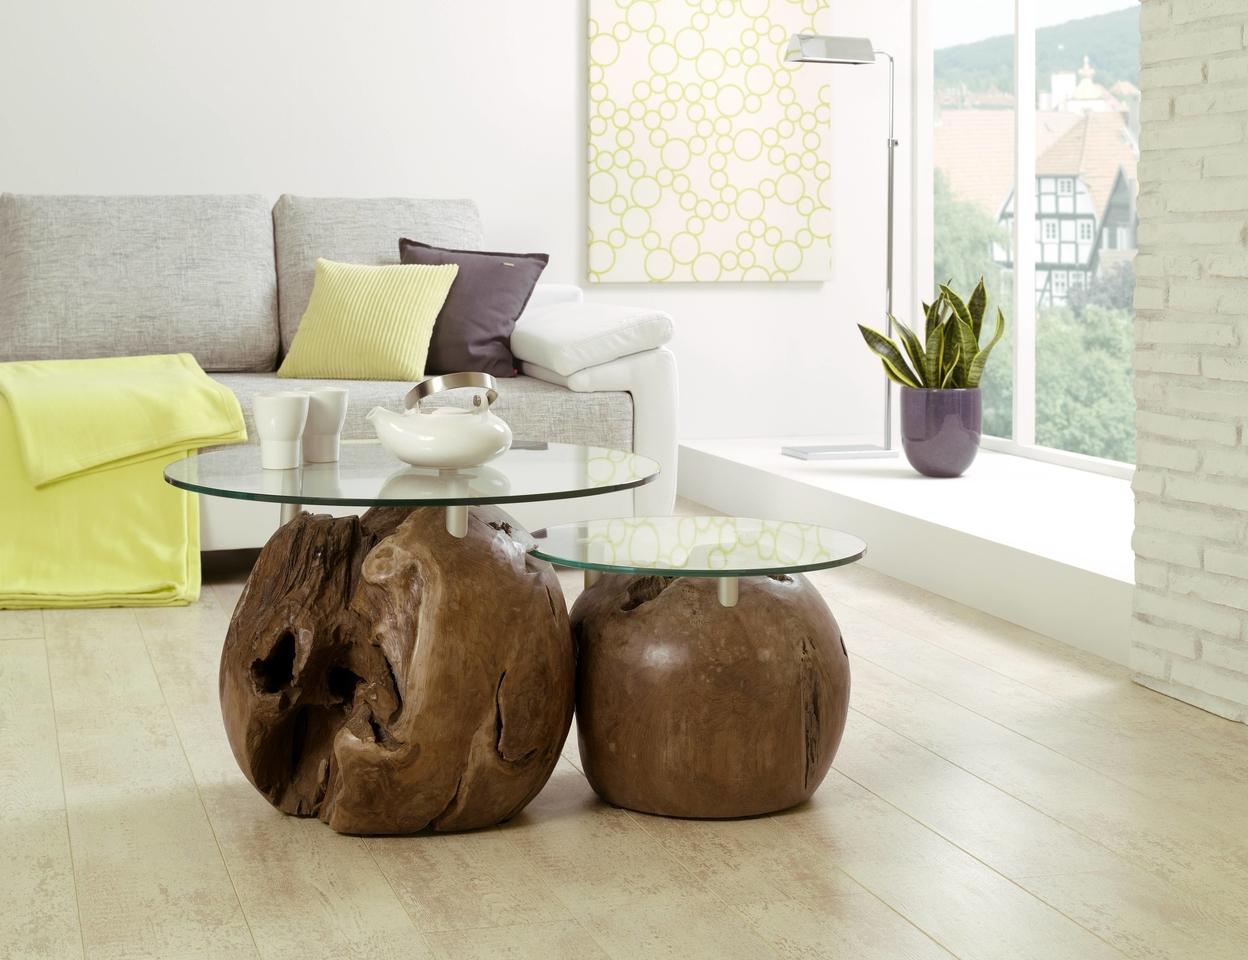 teakholz zweisatz couchtisch von henke g nstig bestellen skanm bler. Black Bedroom Furniture Sets. Home Design Ideas